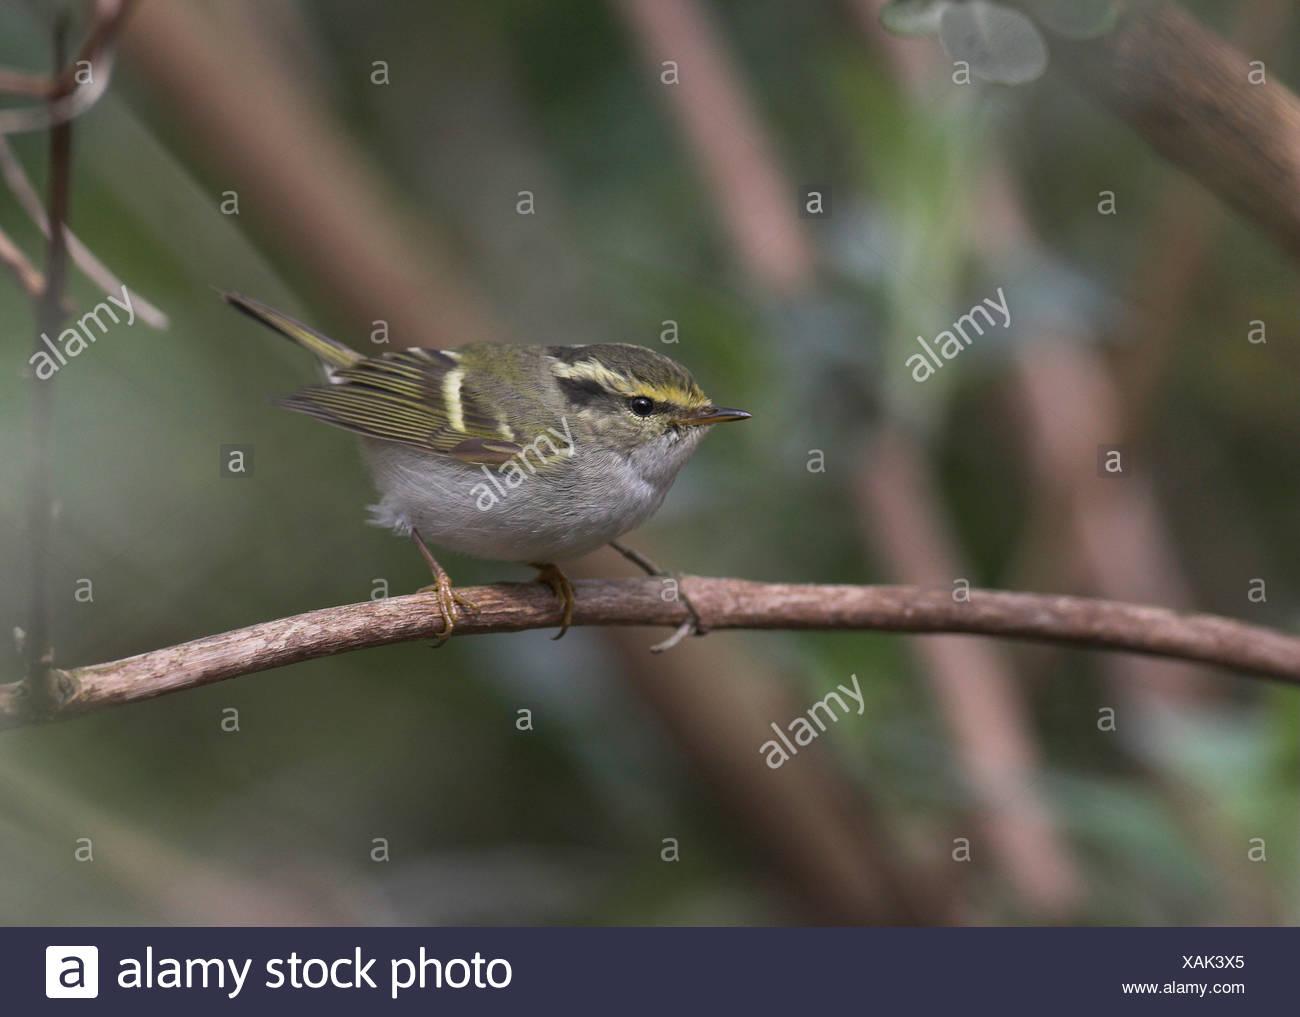 Pallas' boszanger zittend op tak, Pallass Leaf Warbler sitting on branch. Stock Photo